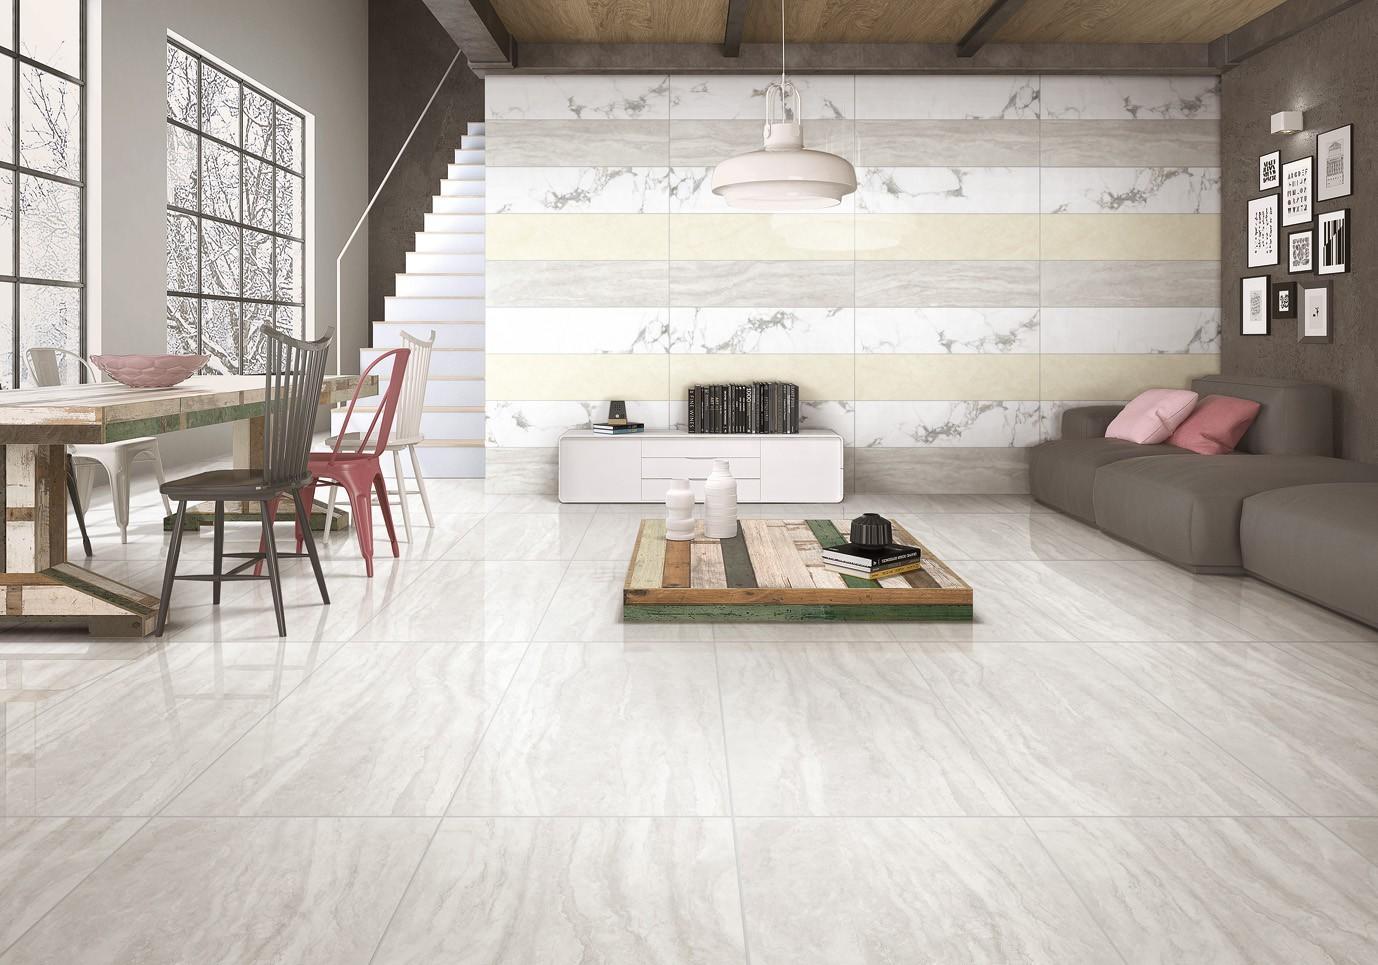 Latest porcelain tiles for sale altman company for villas